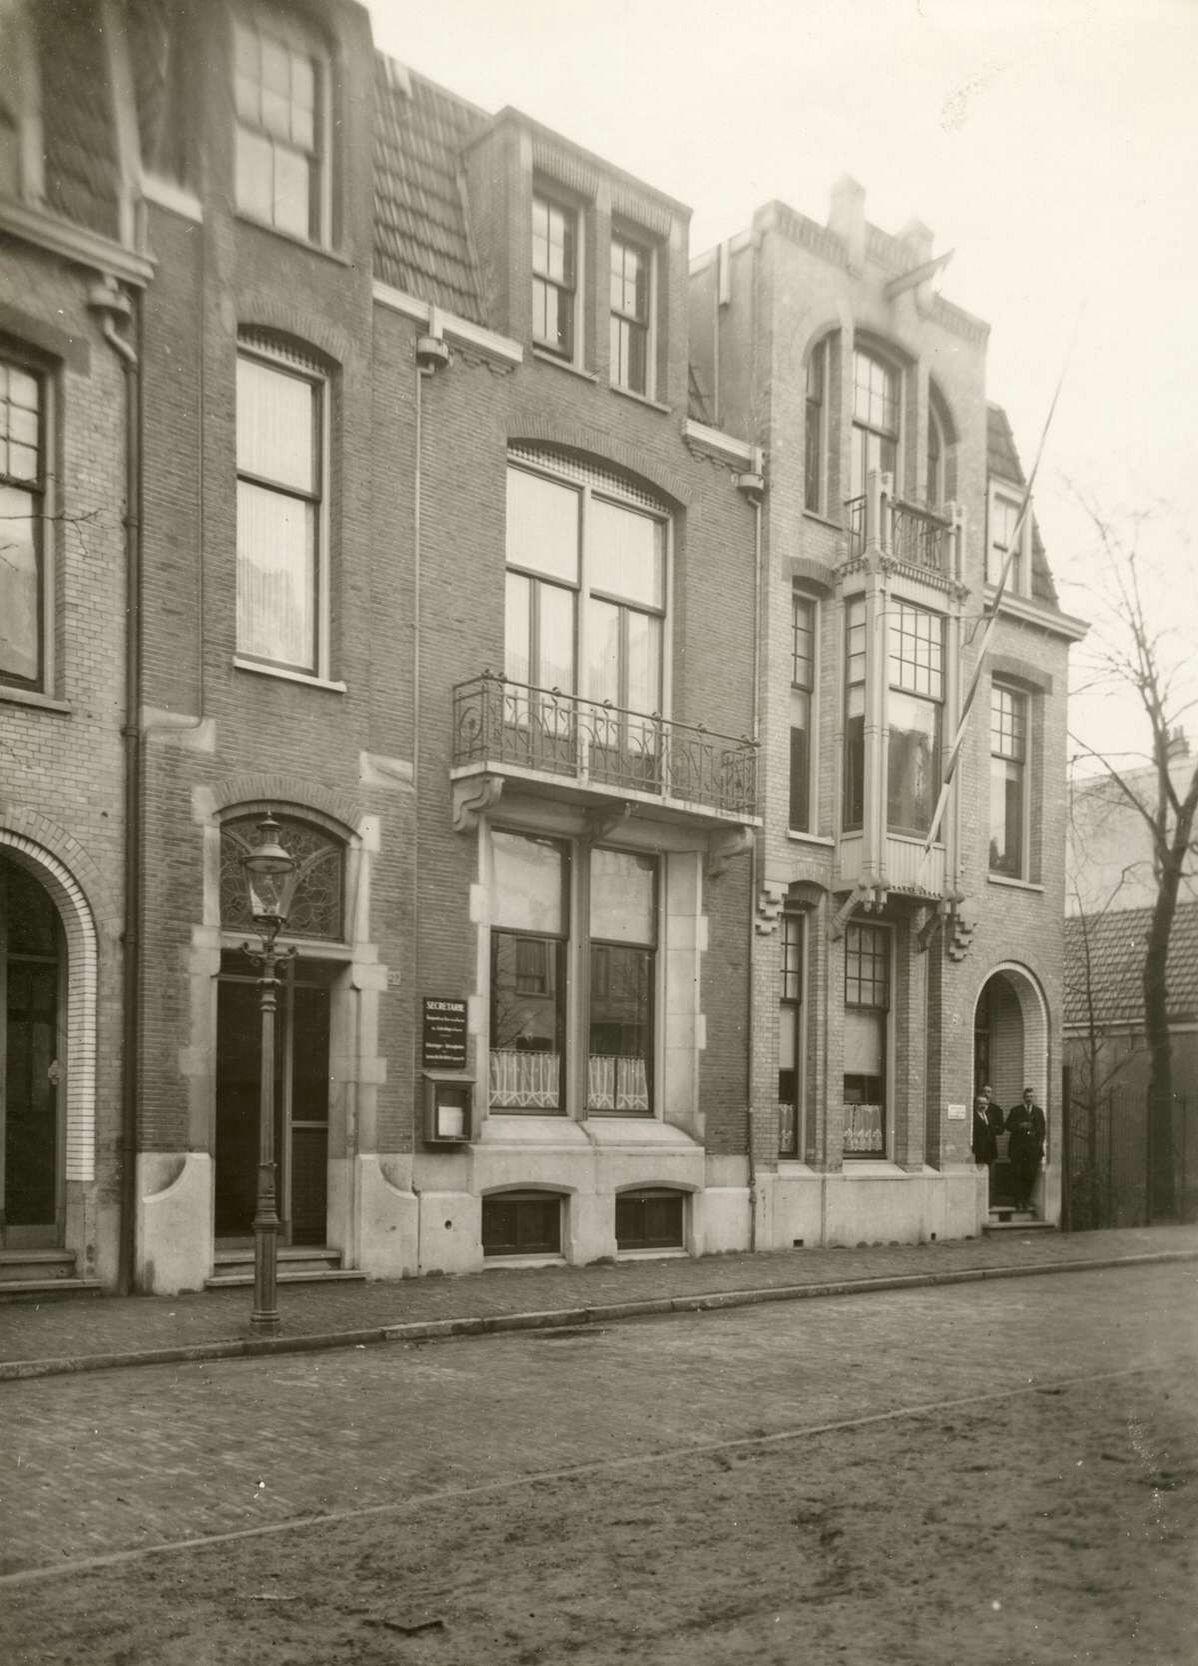 Het dorp watergraafsmeer wordt per 1 januari 1921 bij de for Funda amsterdam watergraafsmeer